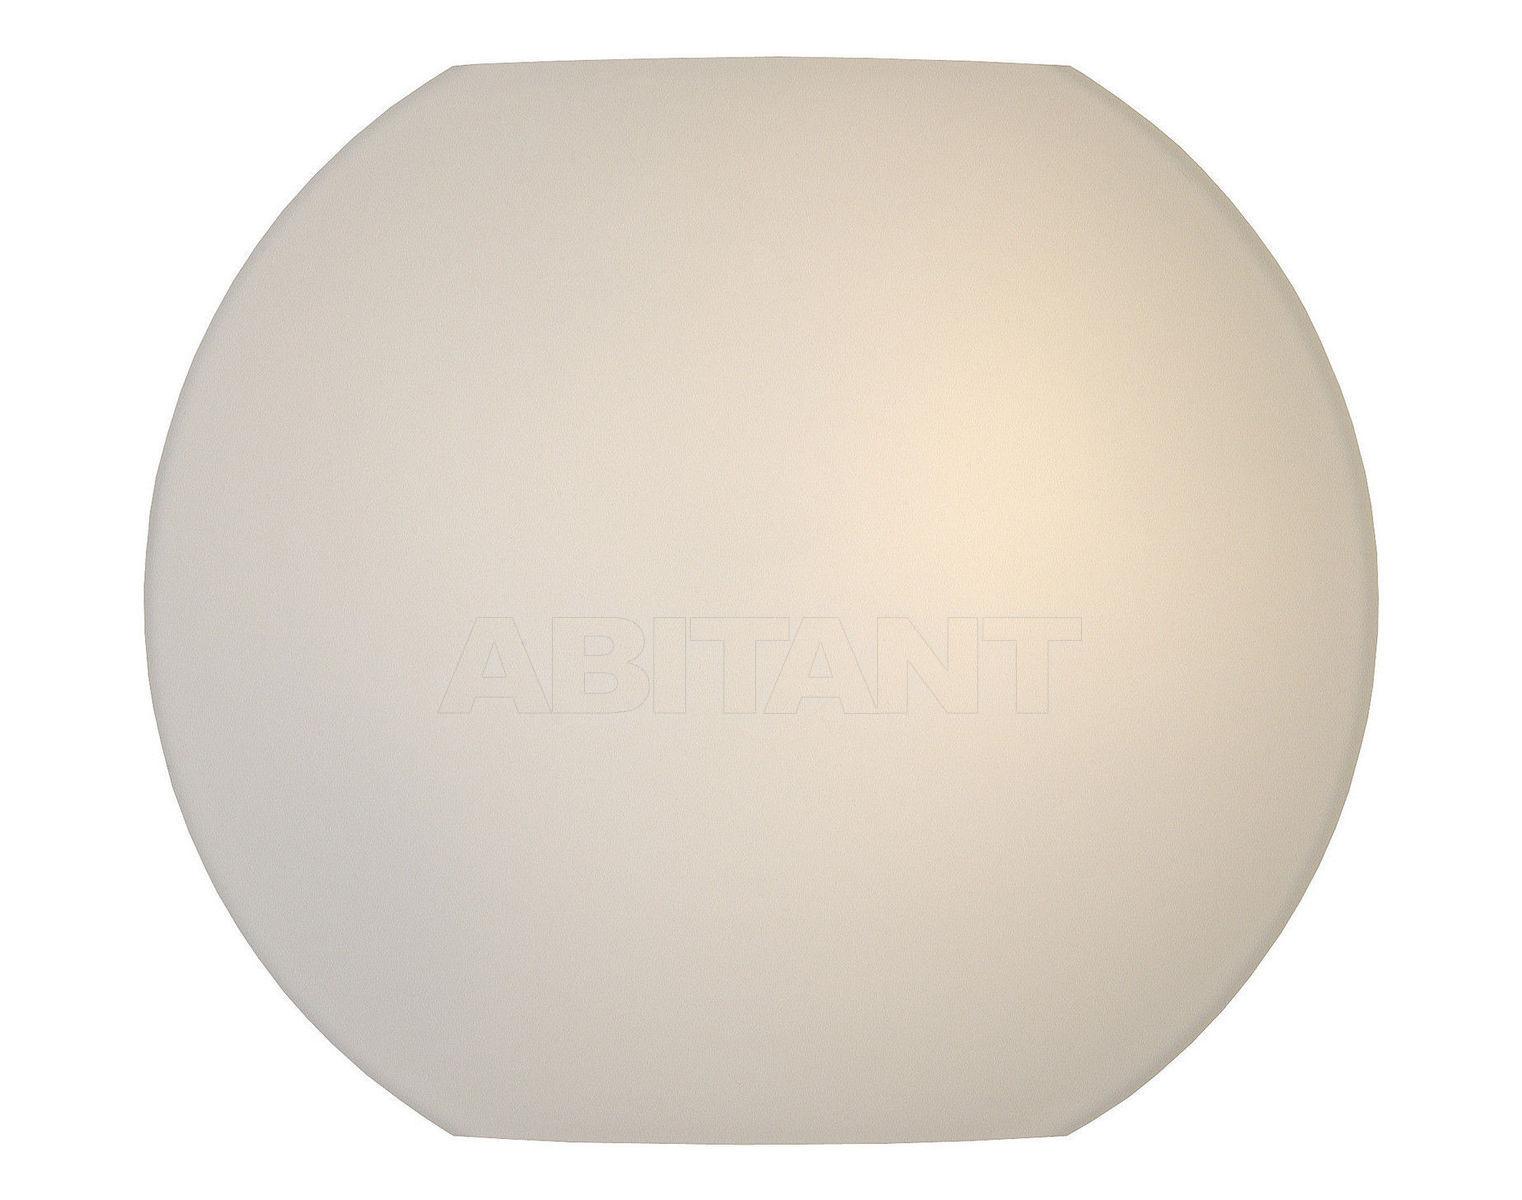 Купить Светильник настенный LAGAN Lucide  Ceiling & Wall Lights 20226/25/61